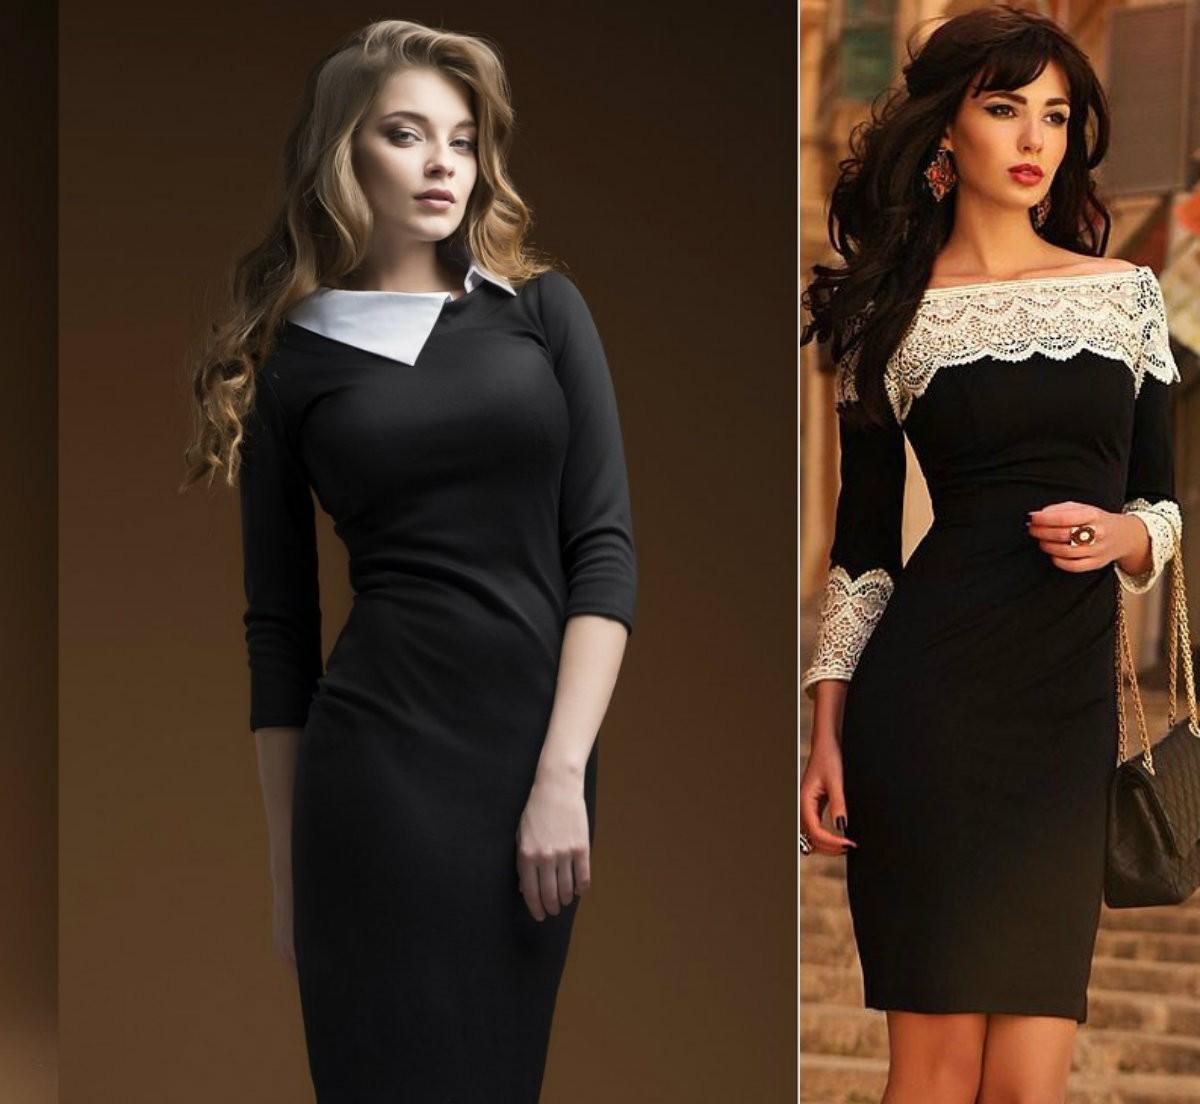 Черное маленькое платье с белыми вставками - безупречный выбор для выпускного